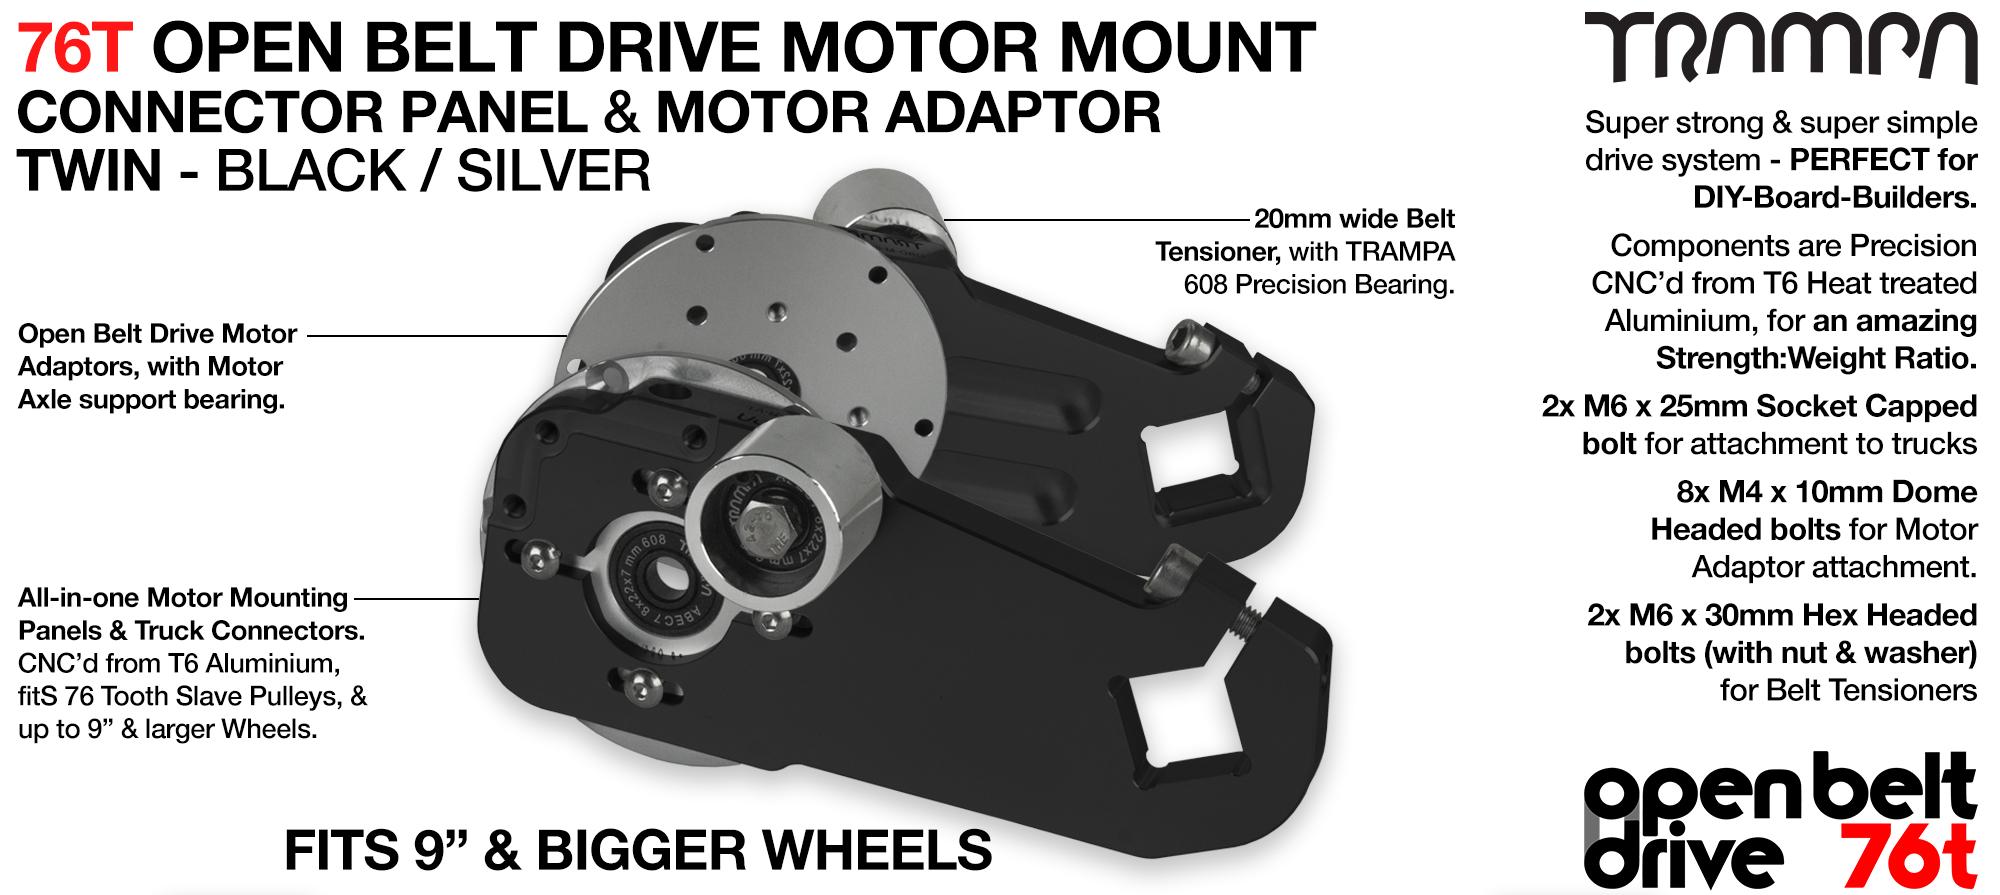 76T Open Belt Drive Motor Mount & Motor Adaptor - TWIN BLACK